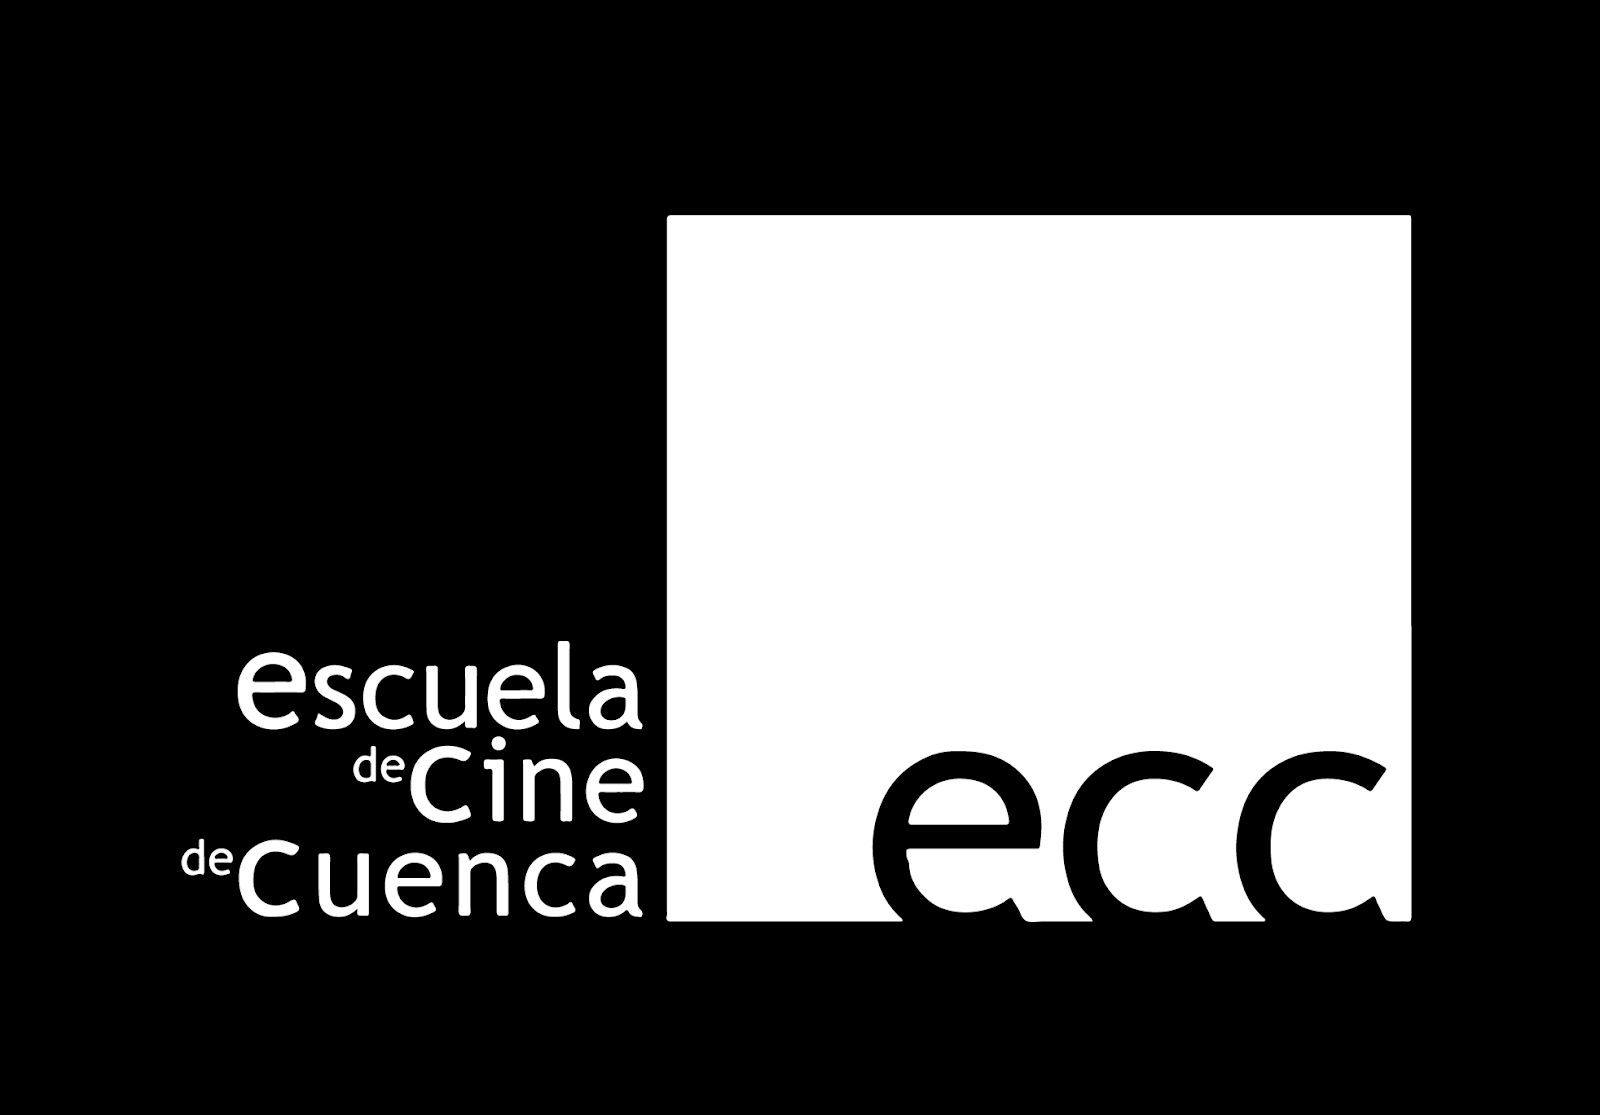 ecc_bn.png